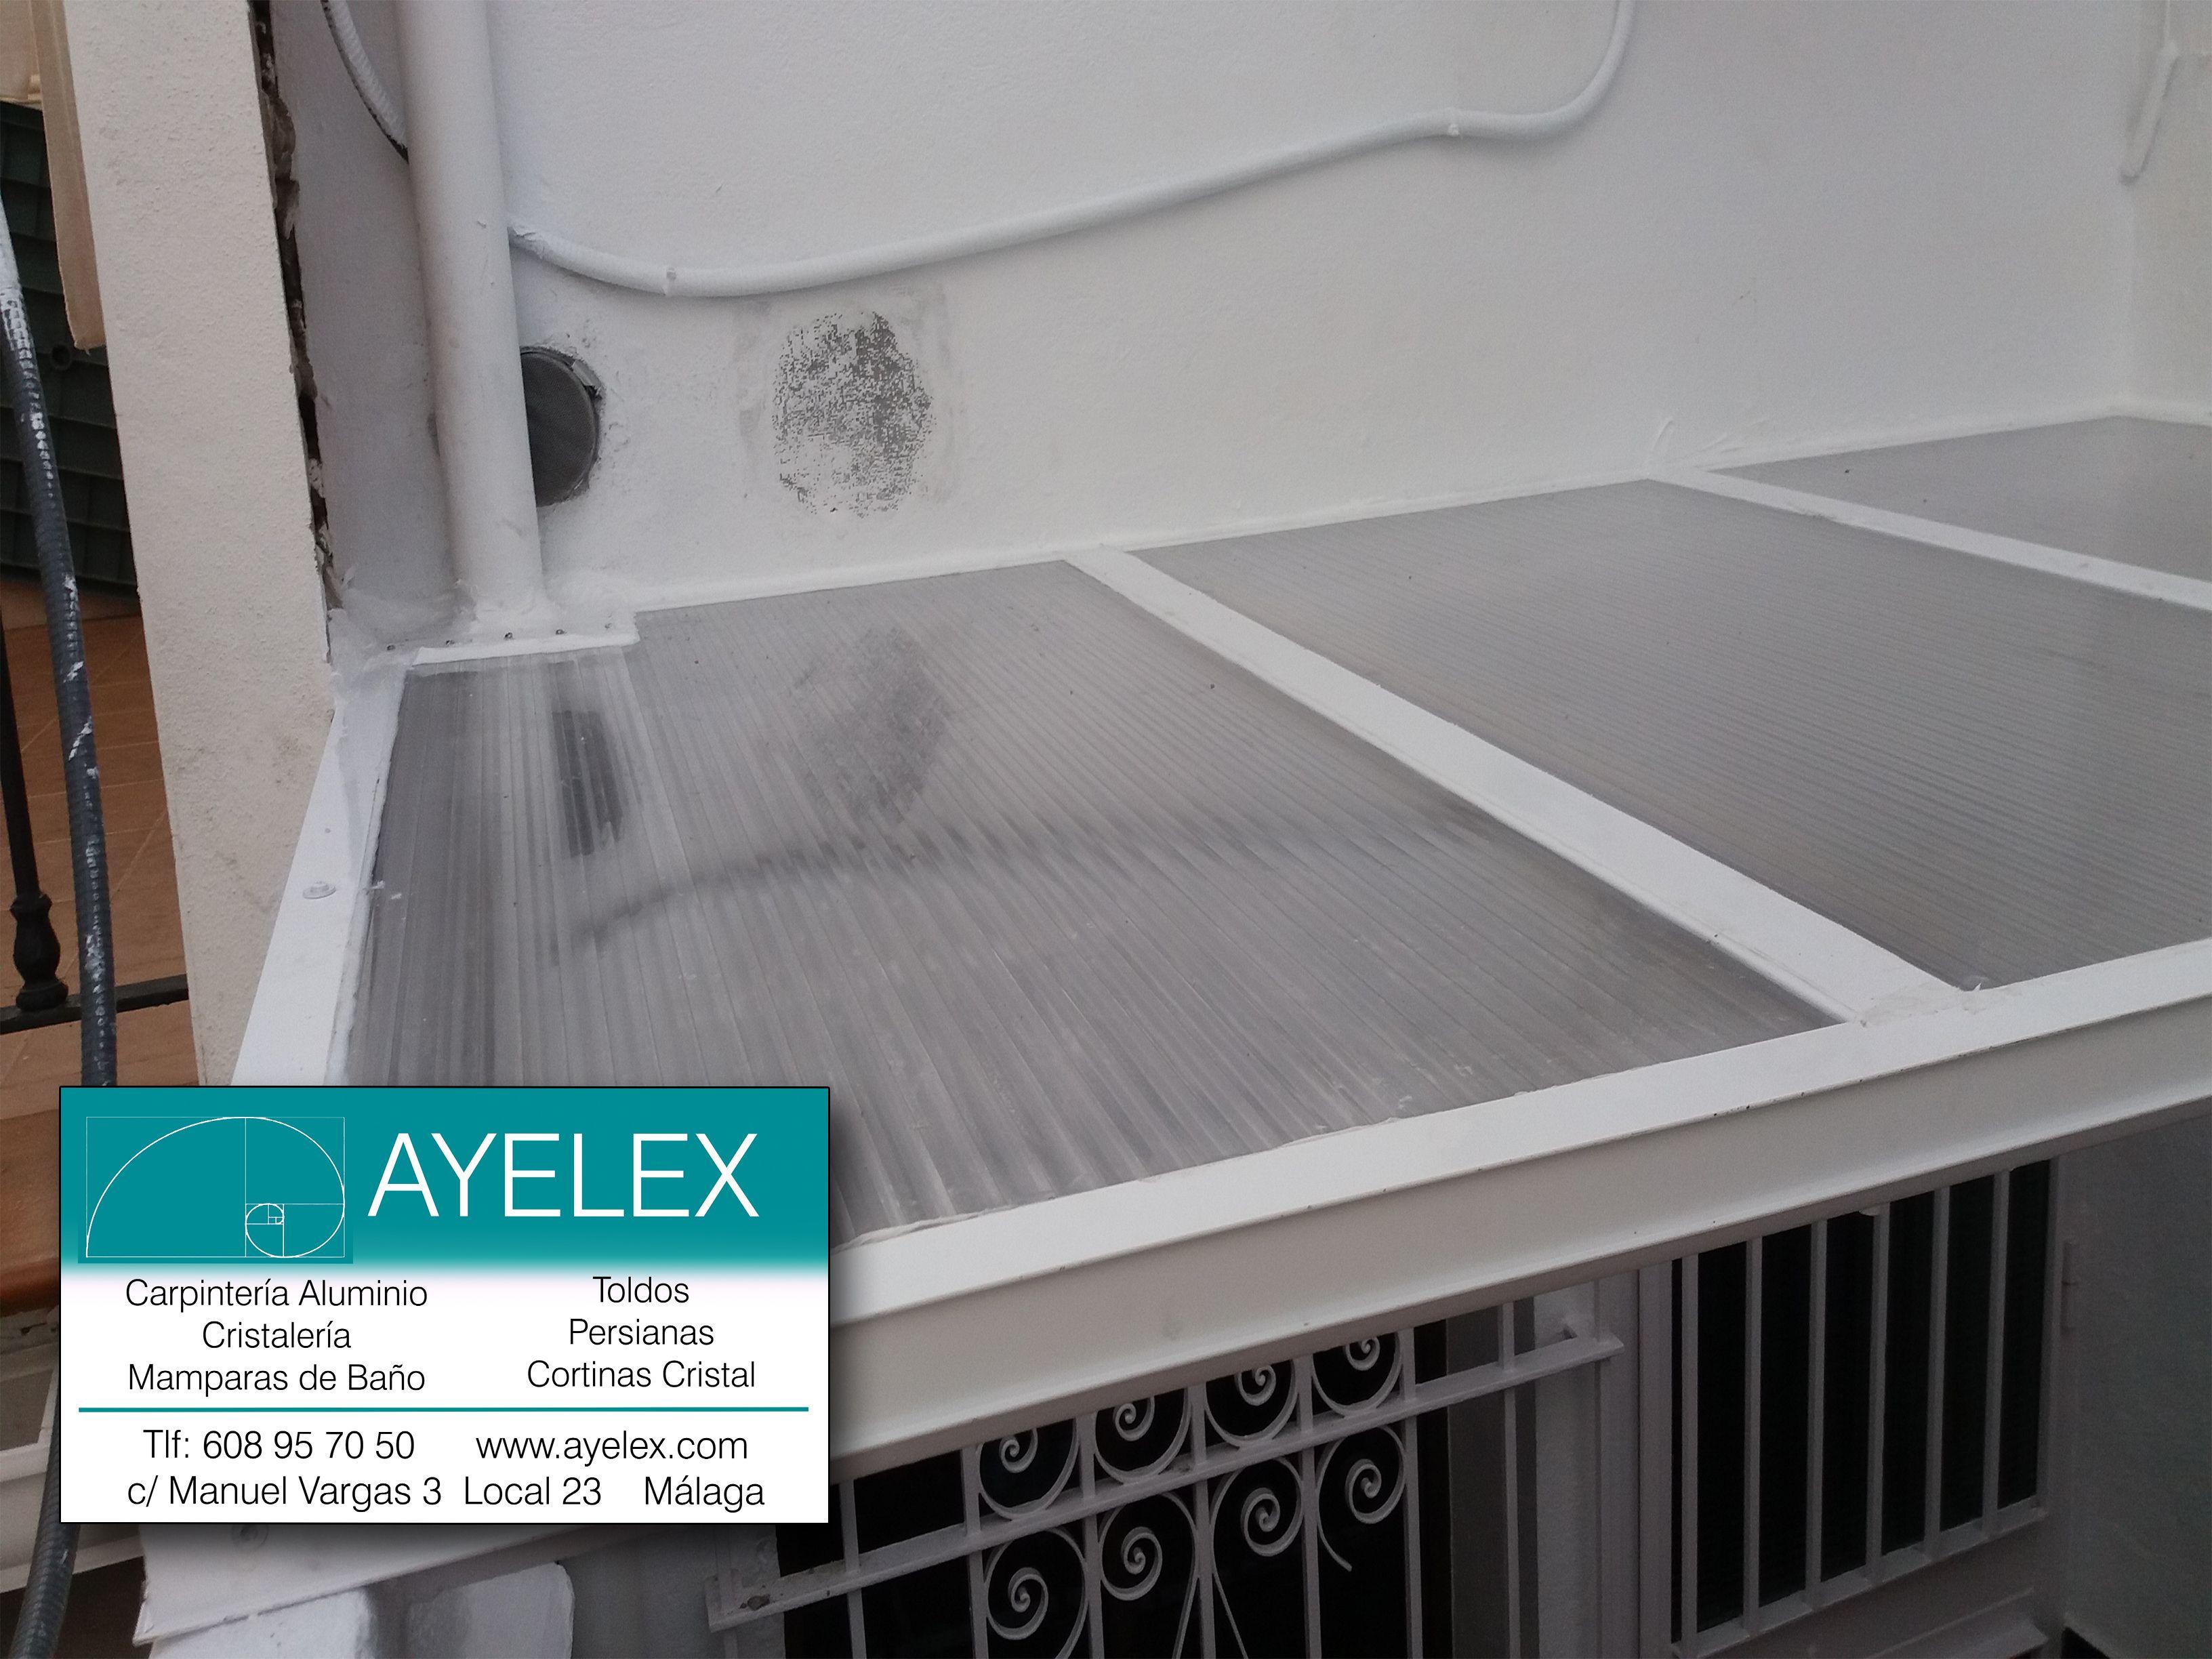 Techo policarbonato celular transparente y estructura alum ayelex carpinter a aluminio y pvc - Techo transparente policarbonato ...